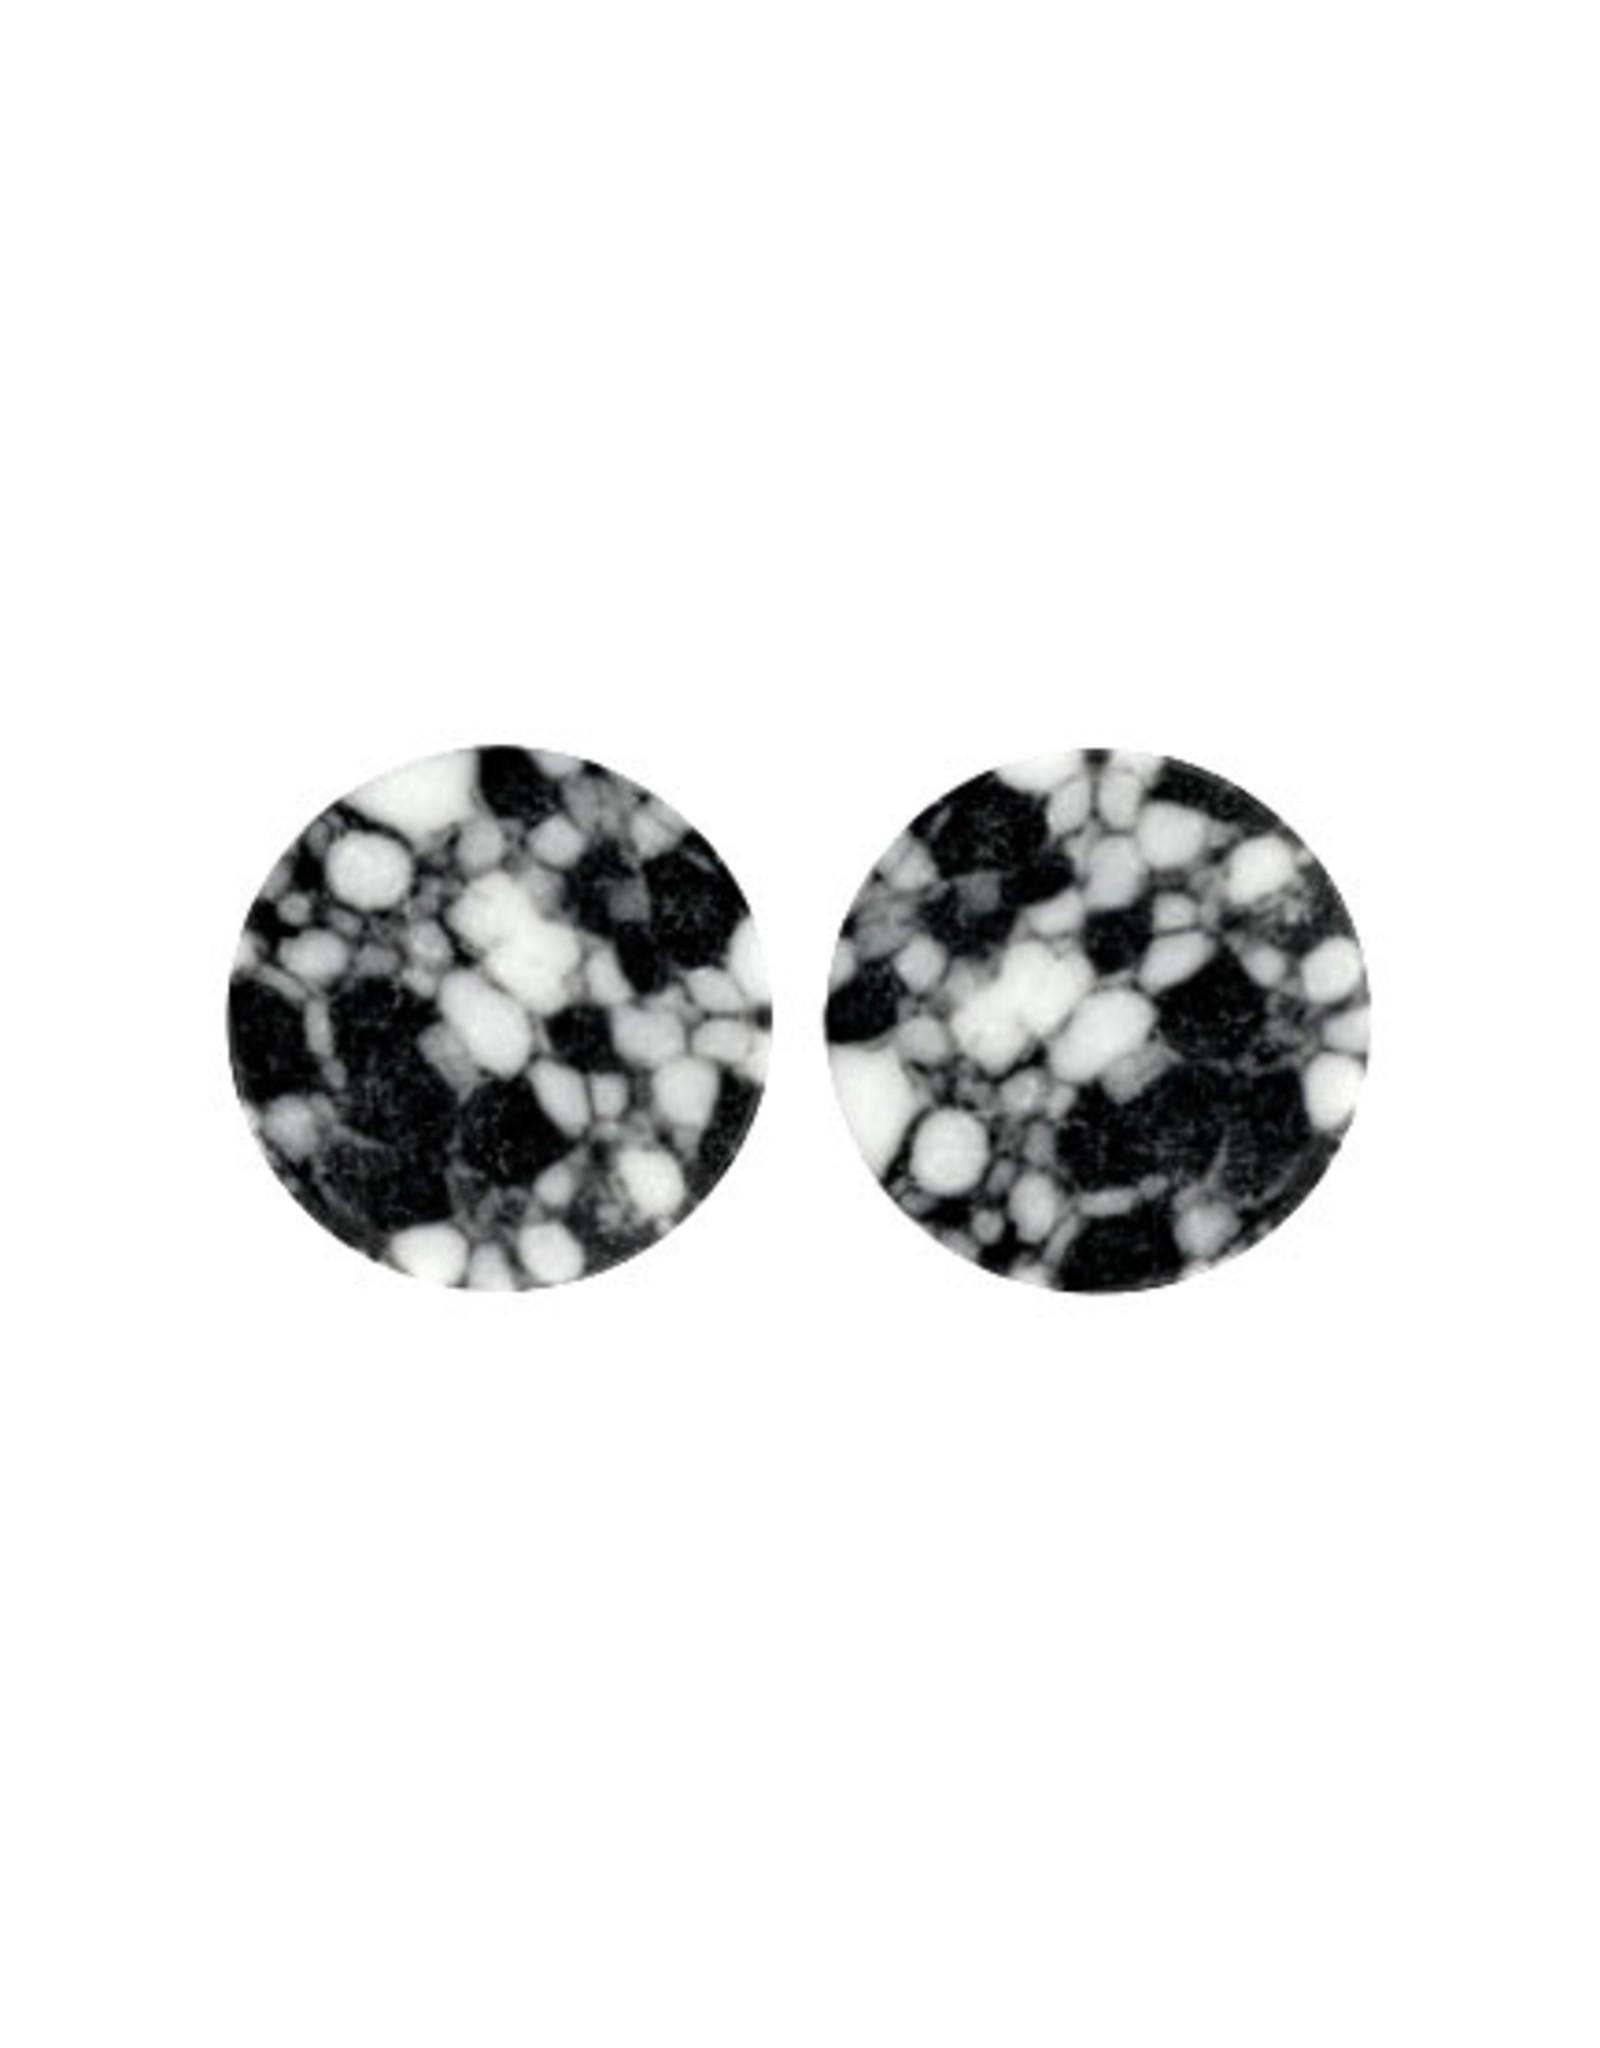 Stekers plat 20mm stone zwart wit